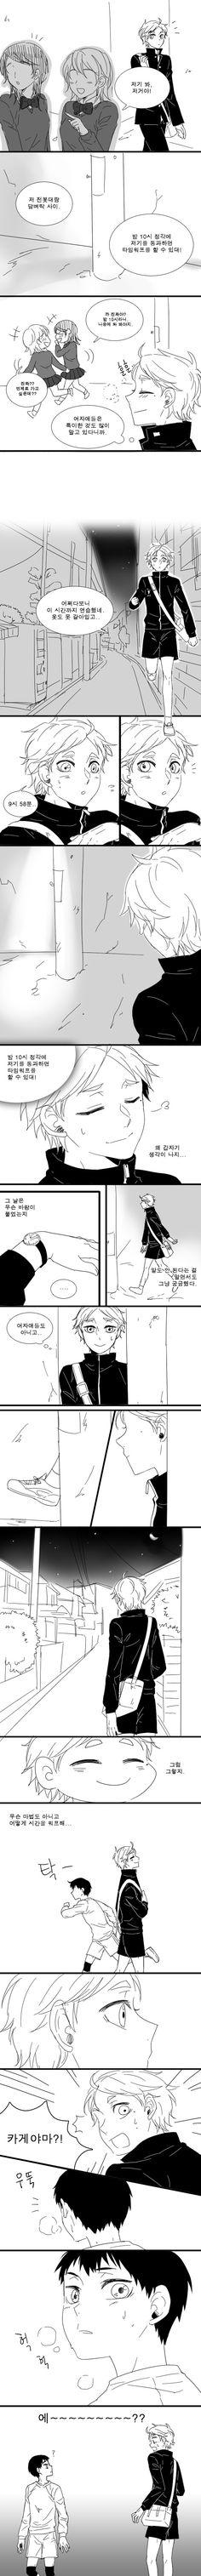 [카게스가] 컷만화들(트레이싱 포함)